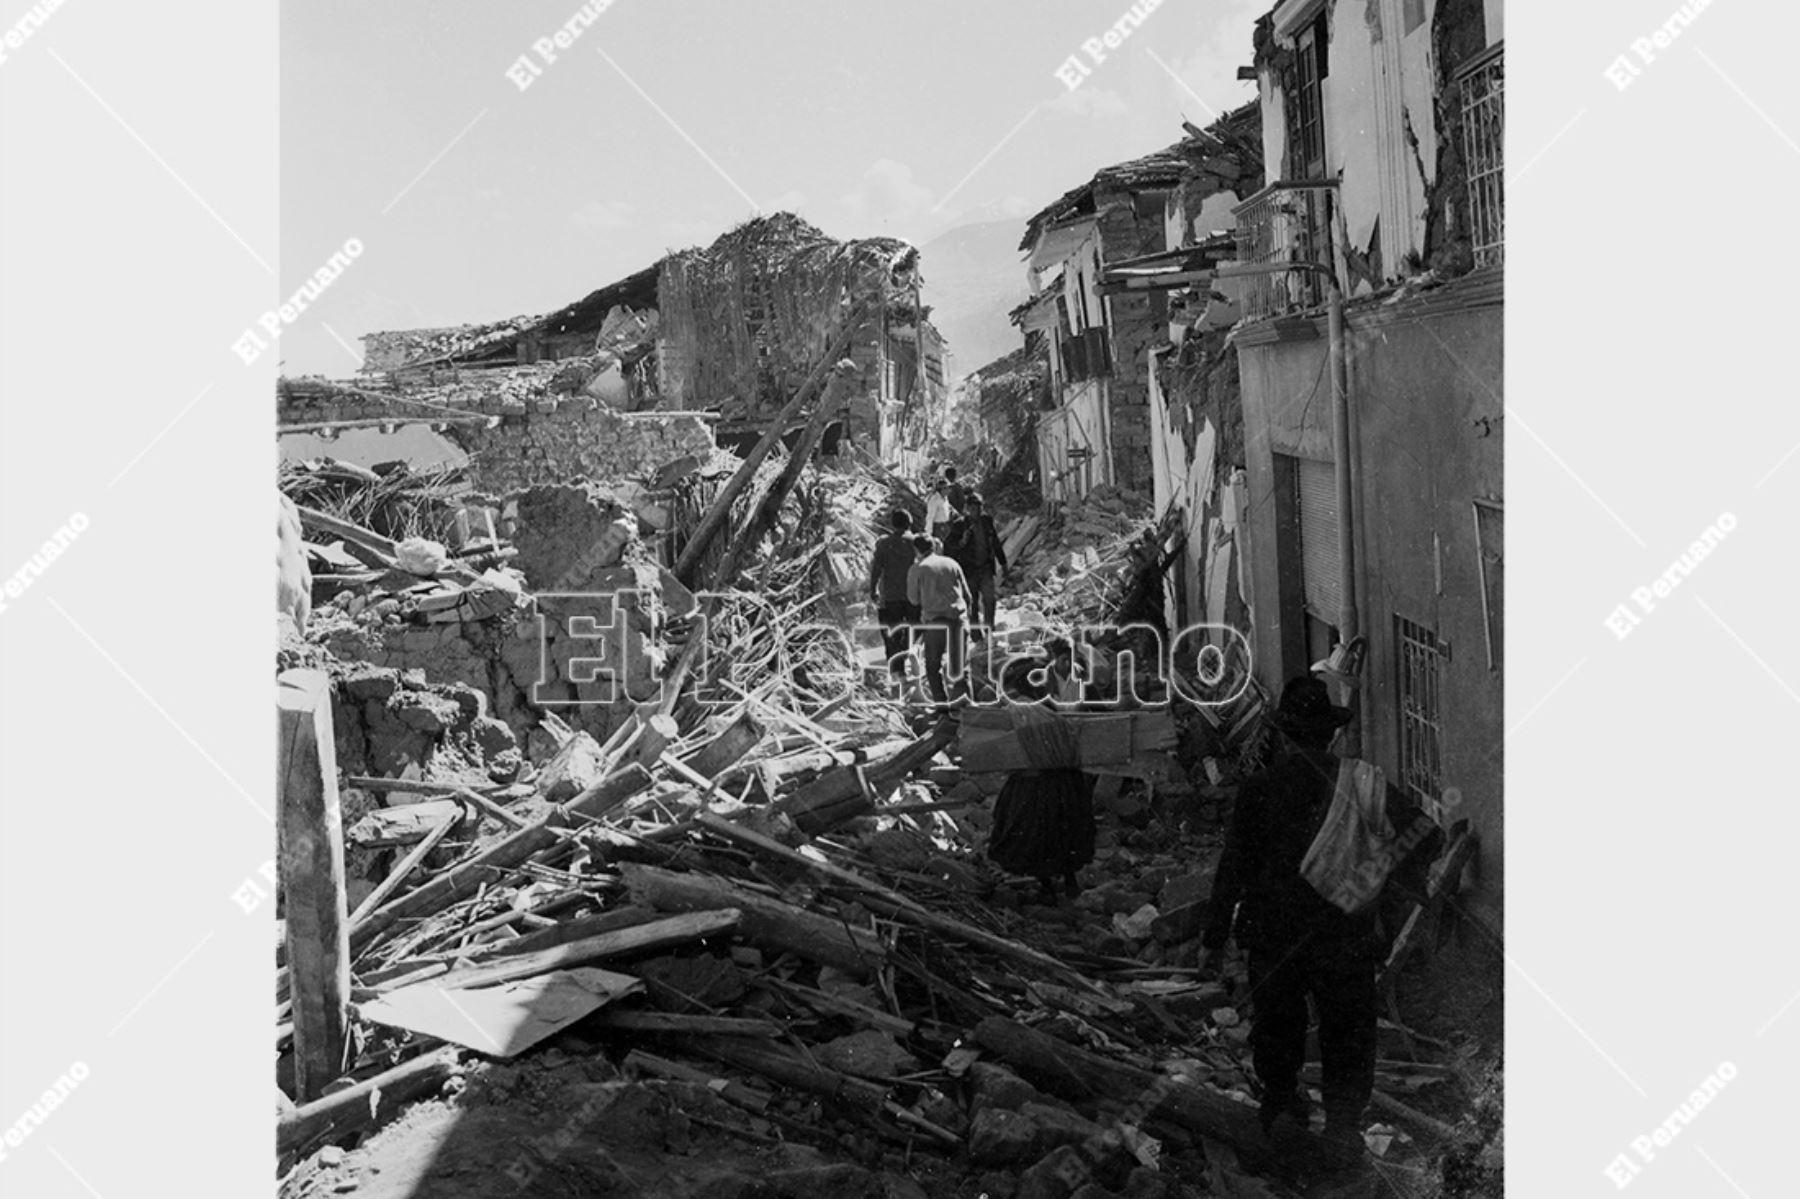 Ancash - 1 junio 1970 / Terremoto de Yungay. Viviendas en escombros en la ciudad de Huaraz. Foto: Archivo Histórico de El Peruano